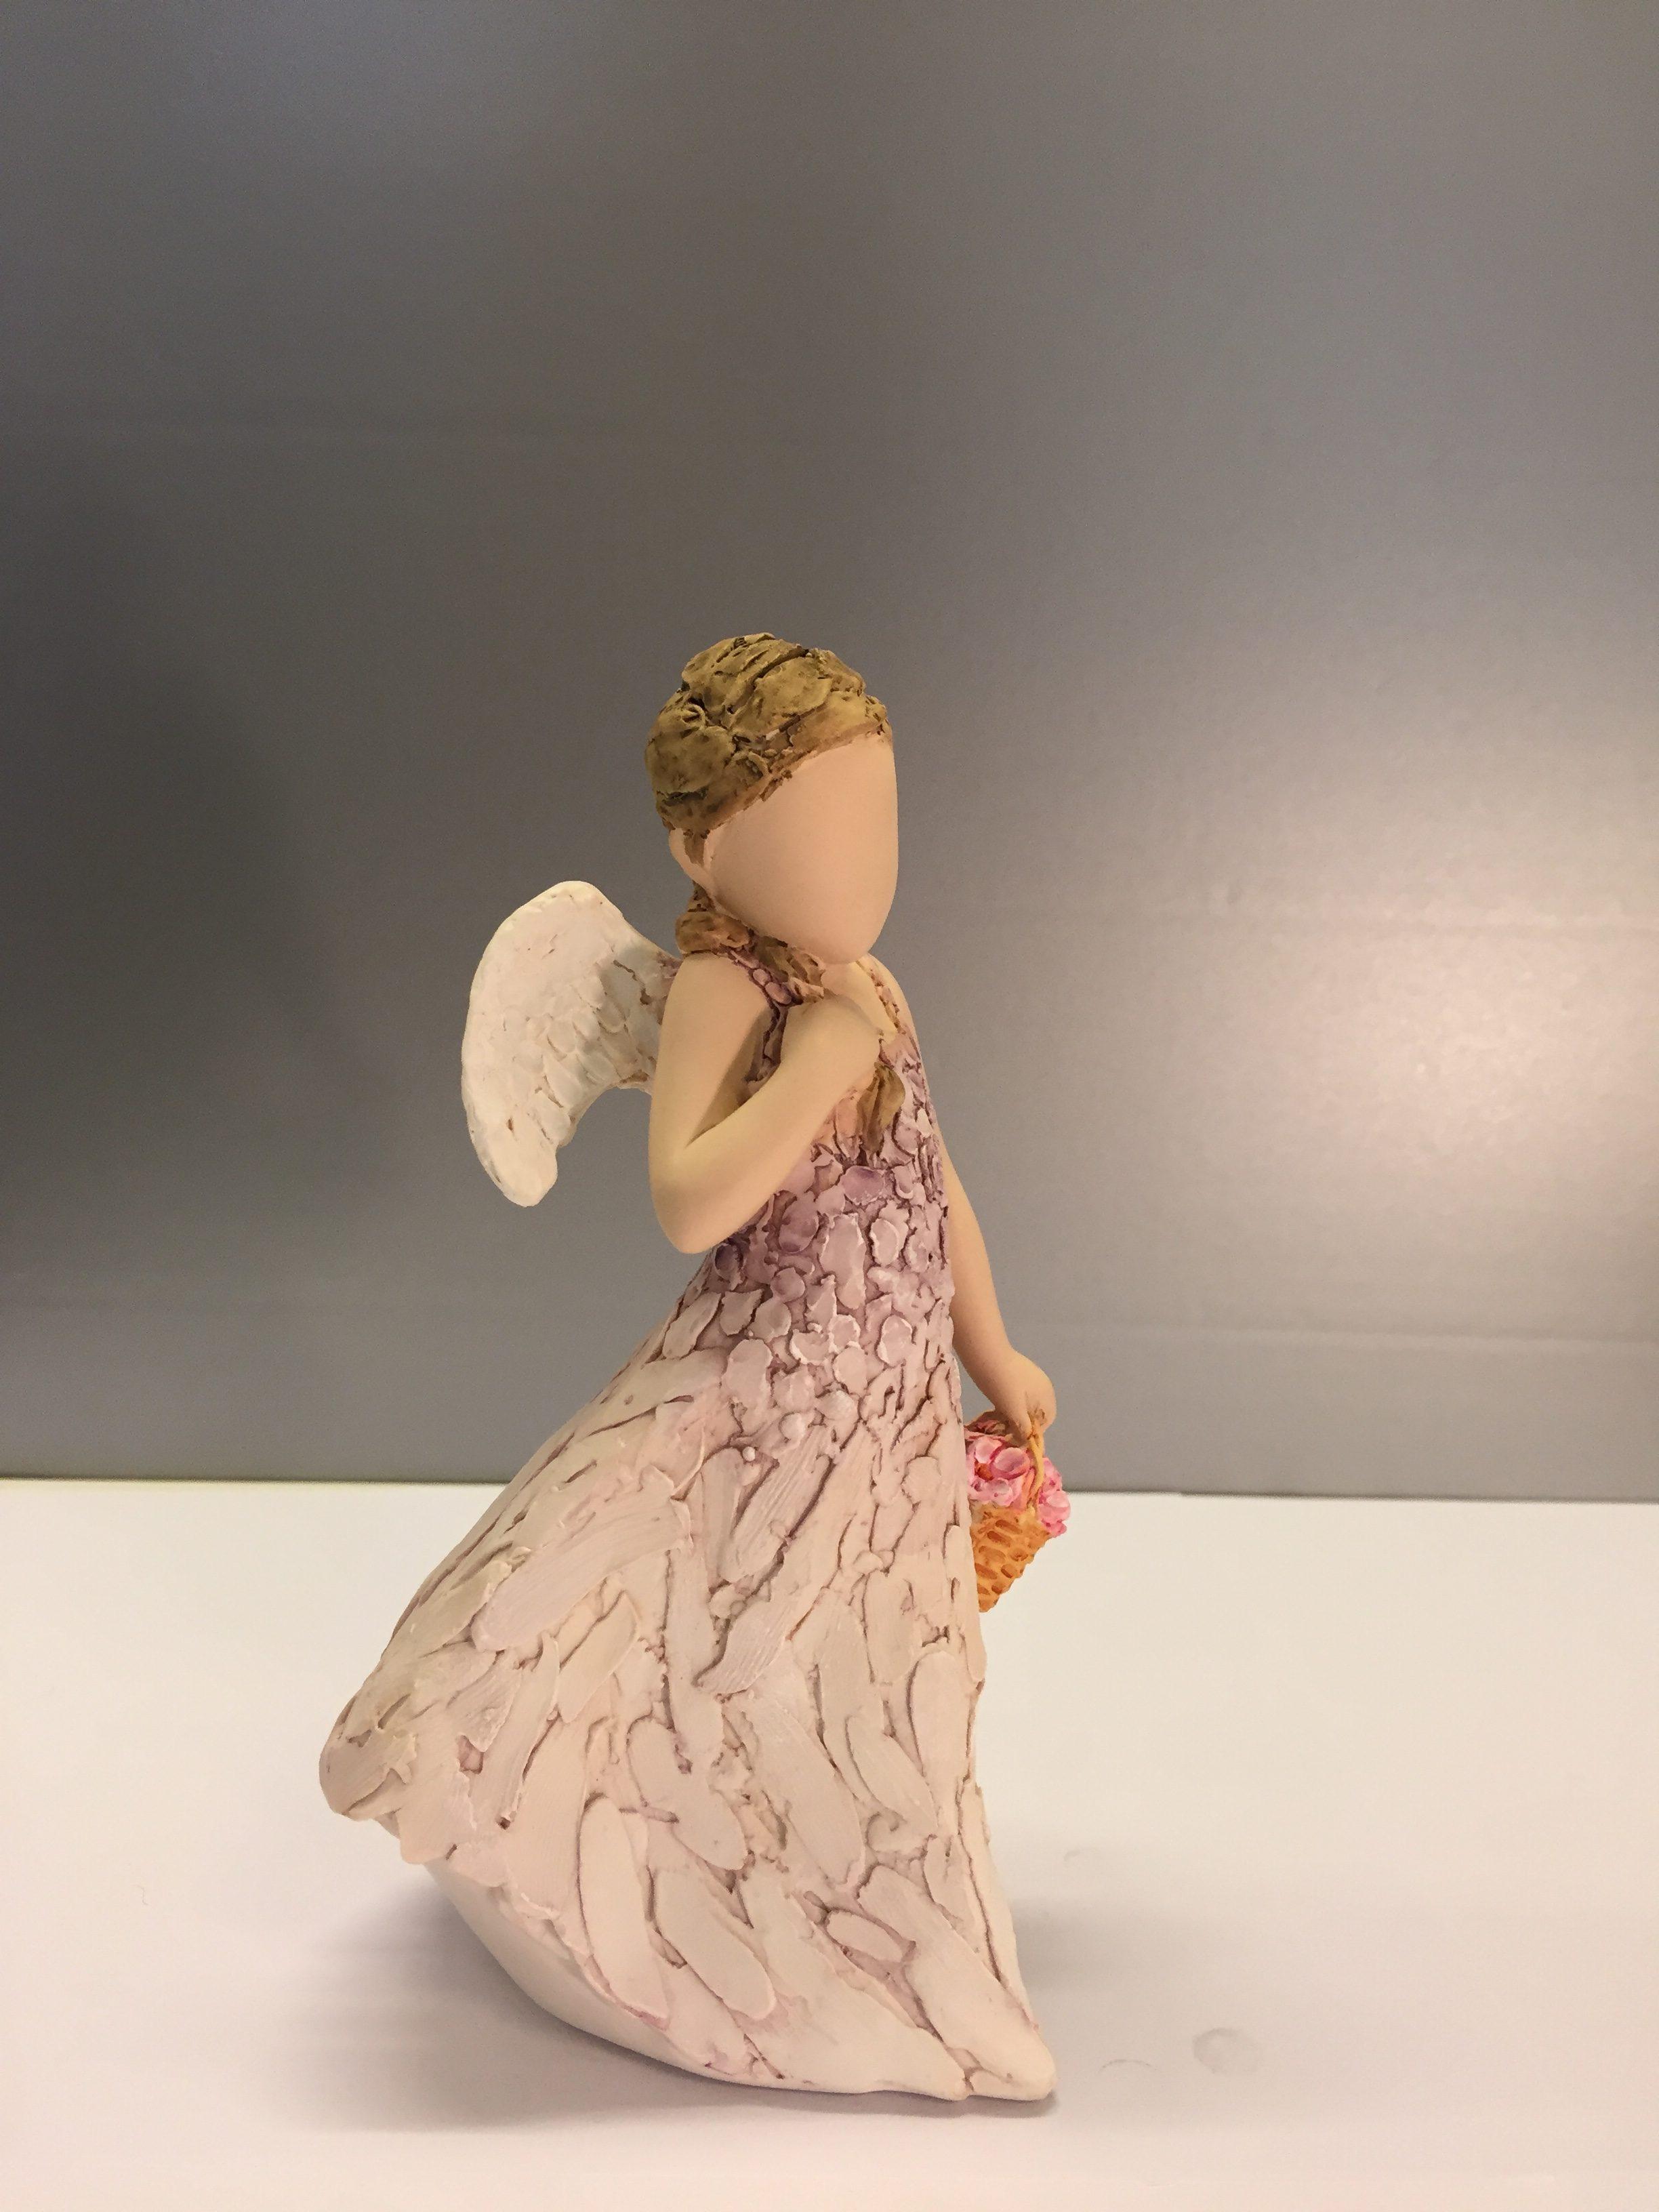 """Arora """"More than words"""" - Lille engel med blomsterkurv - Friends are angels - skytsengel - skytsengle - tak for hjælpen - håb - Arora """"More than words"""" - Lille engel med blomsterkurv """"Friends are angels"""""""